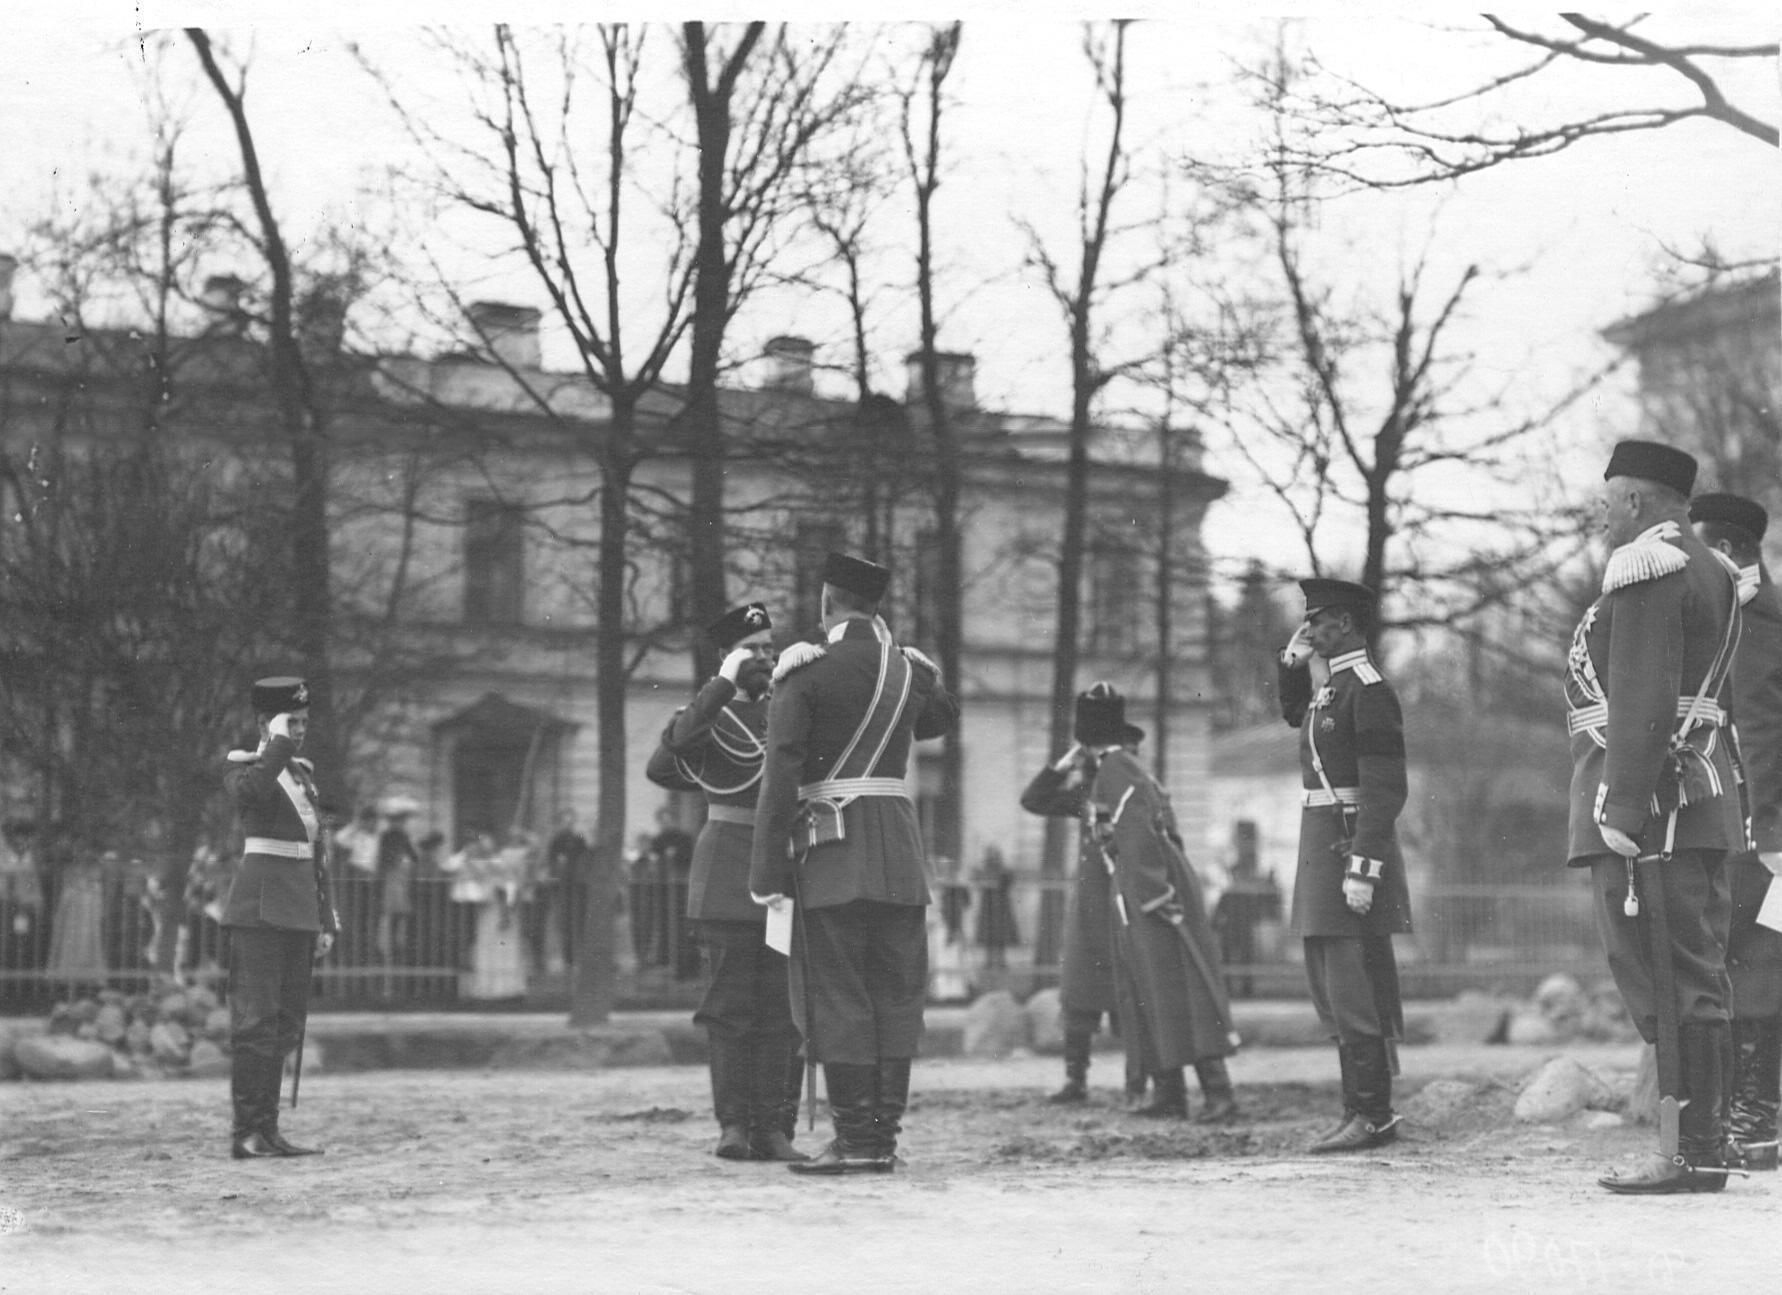 Император Николай II и шеф 2-ого Царскосельского стрелкового батальона великий князь Дмитрий Павлович во время приветствия их командиром батальона в день освящения церкви. 19 ноября (2 декабря) 1904 года